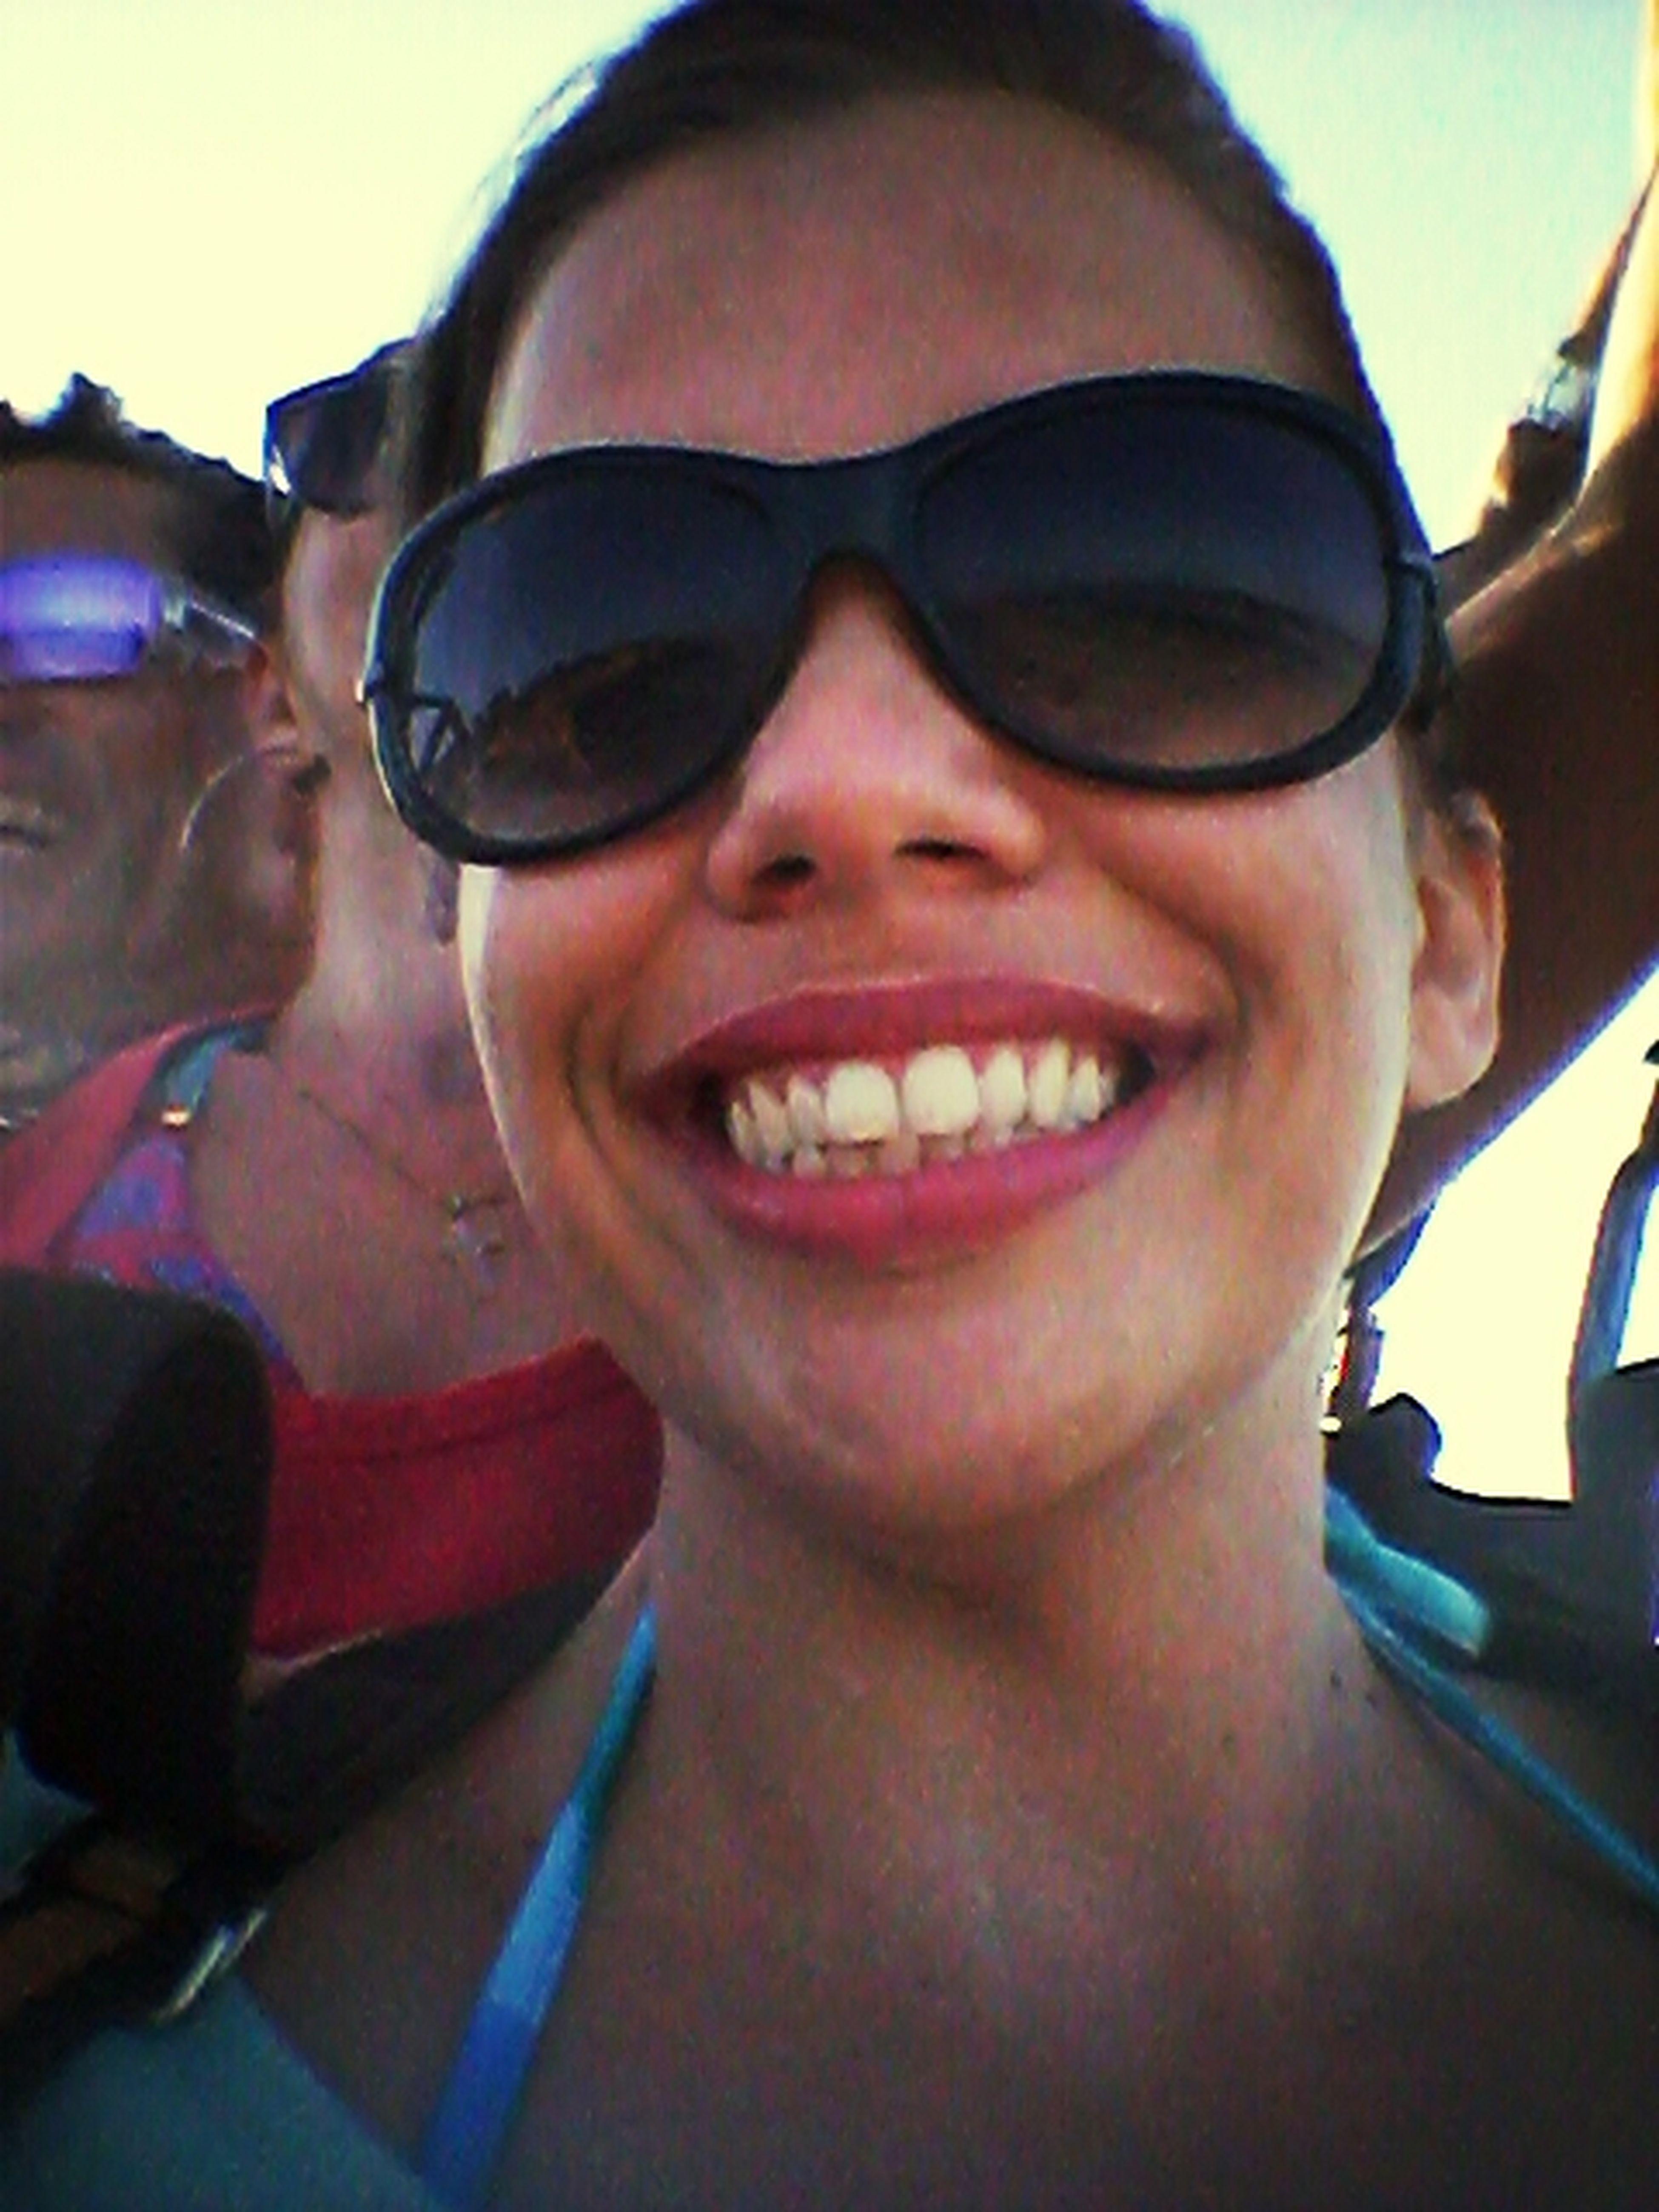 Voo Parapente Canoa Quebrada Ceará Enjoying Life